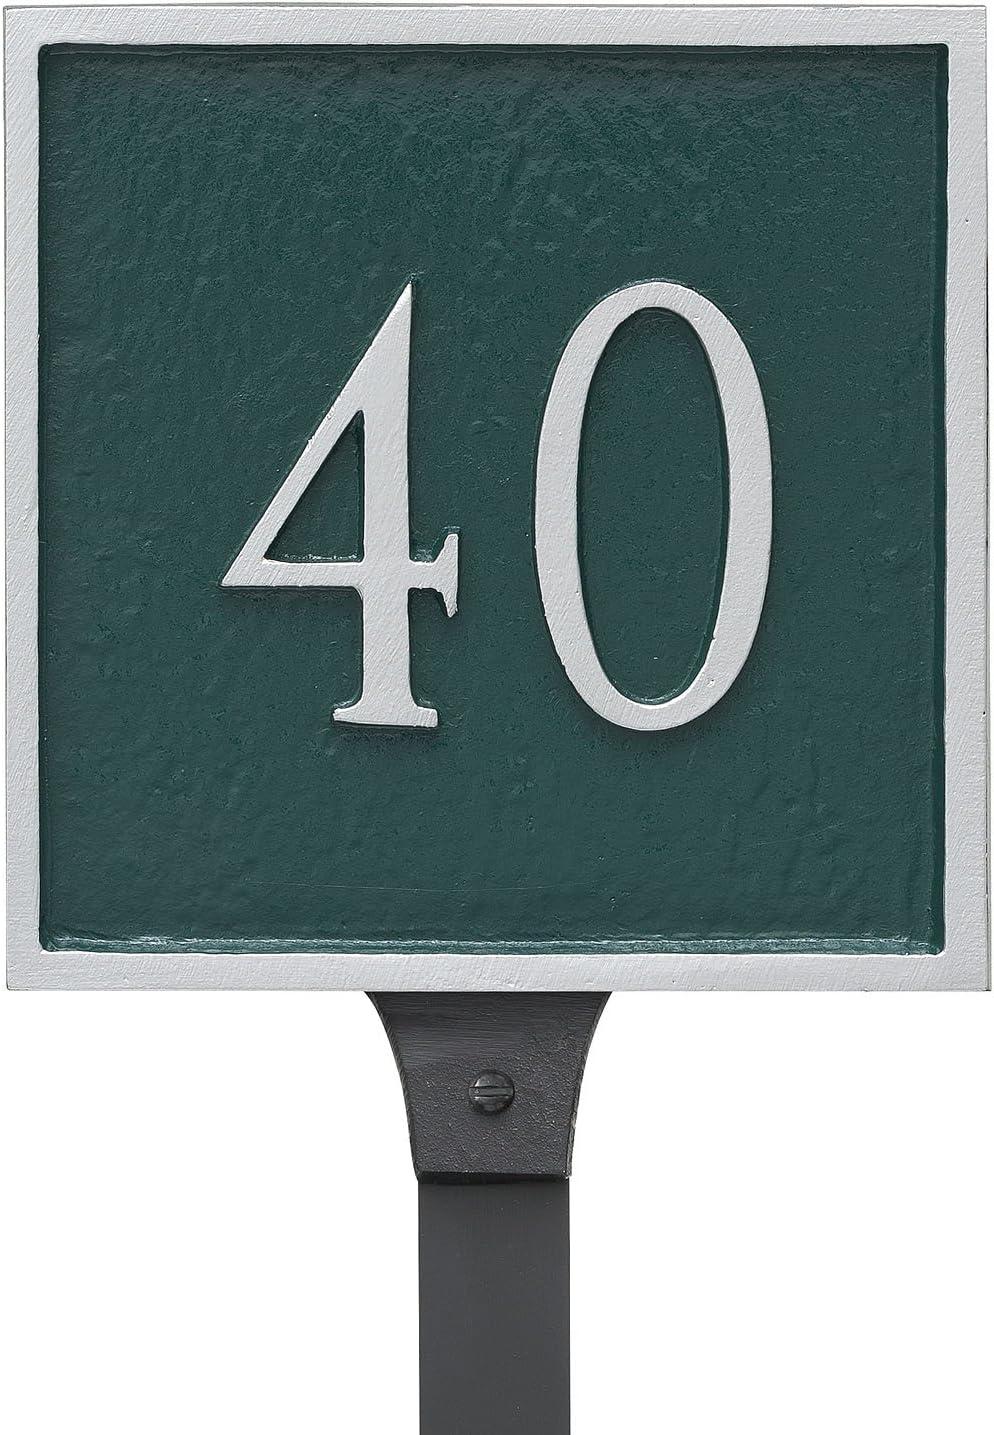 Montague Metal Classic ご予約品 Square Petite La 超定番 Address Sign with Plaque